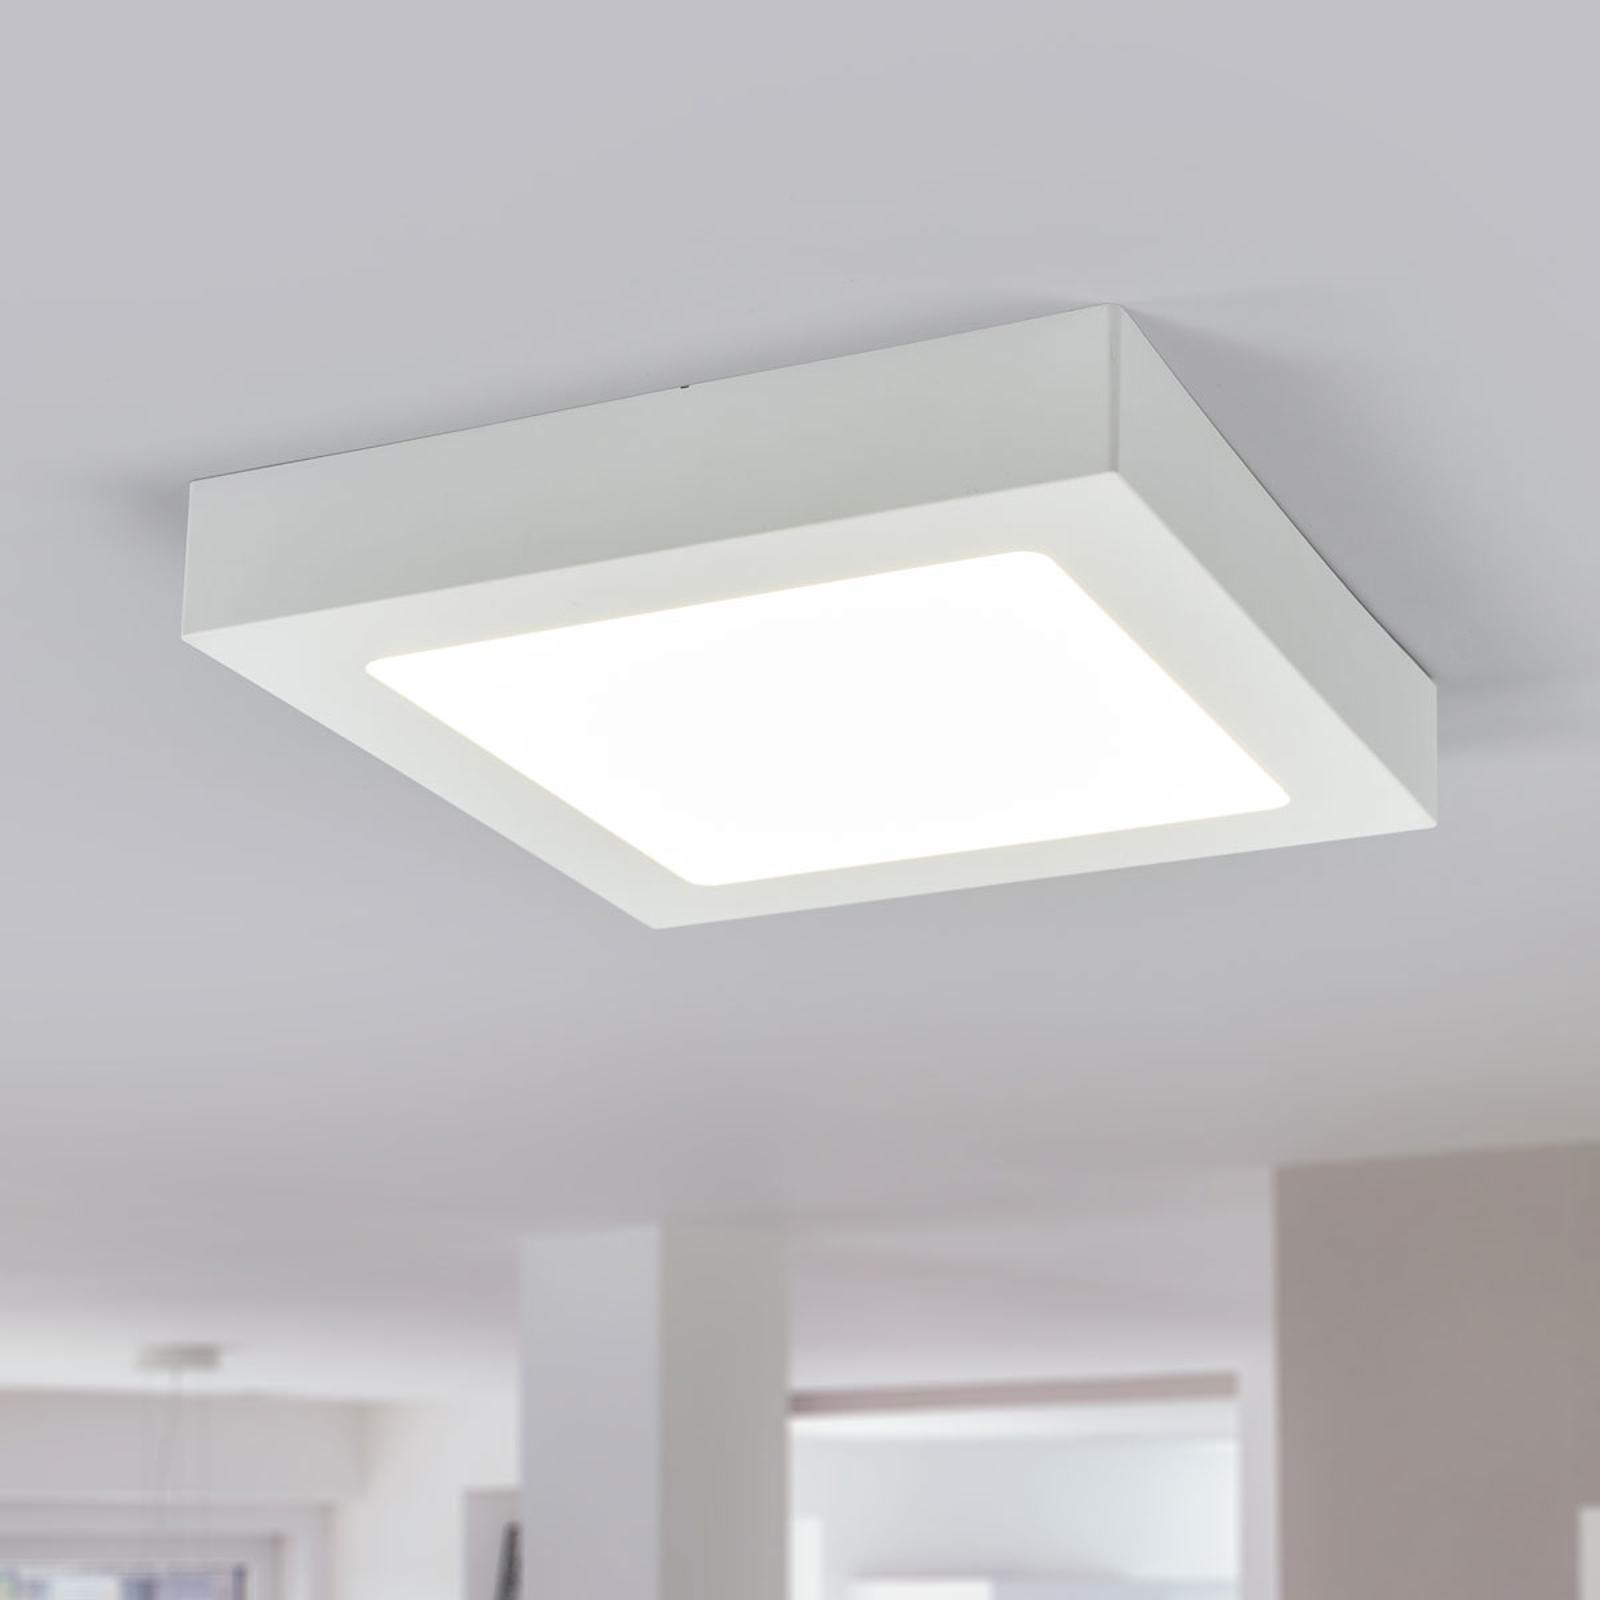 LED stropní svítidlo Marlo 4000K hranaté 23,1cm